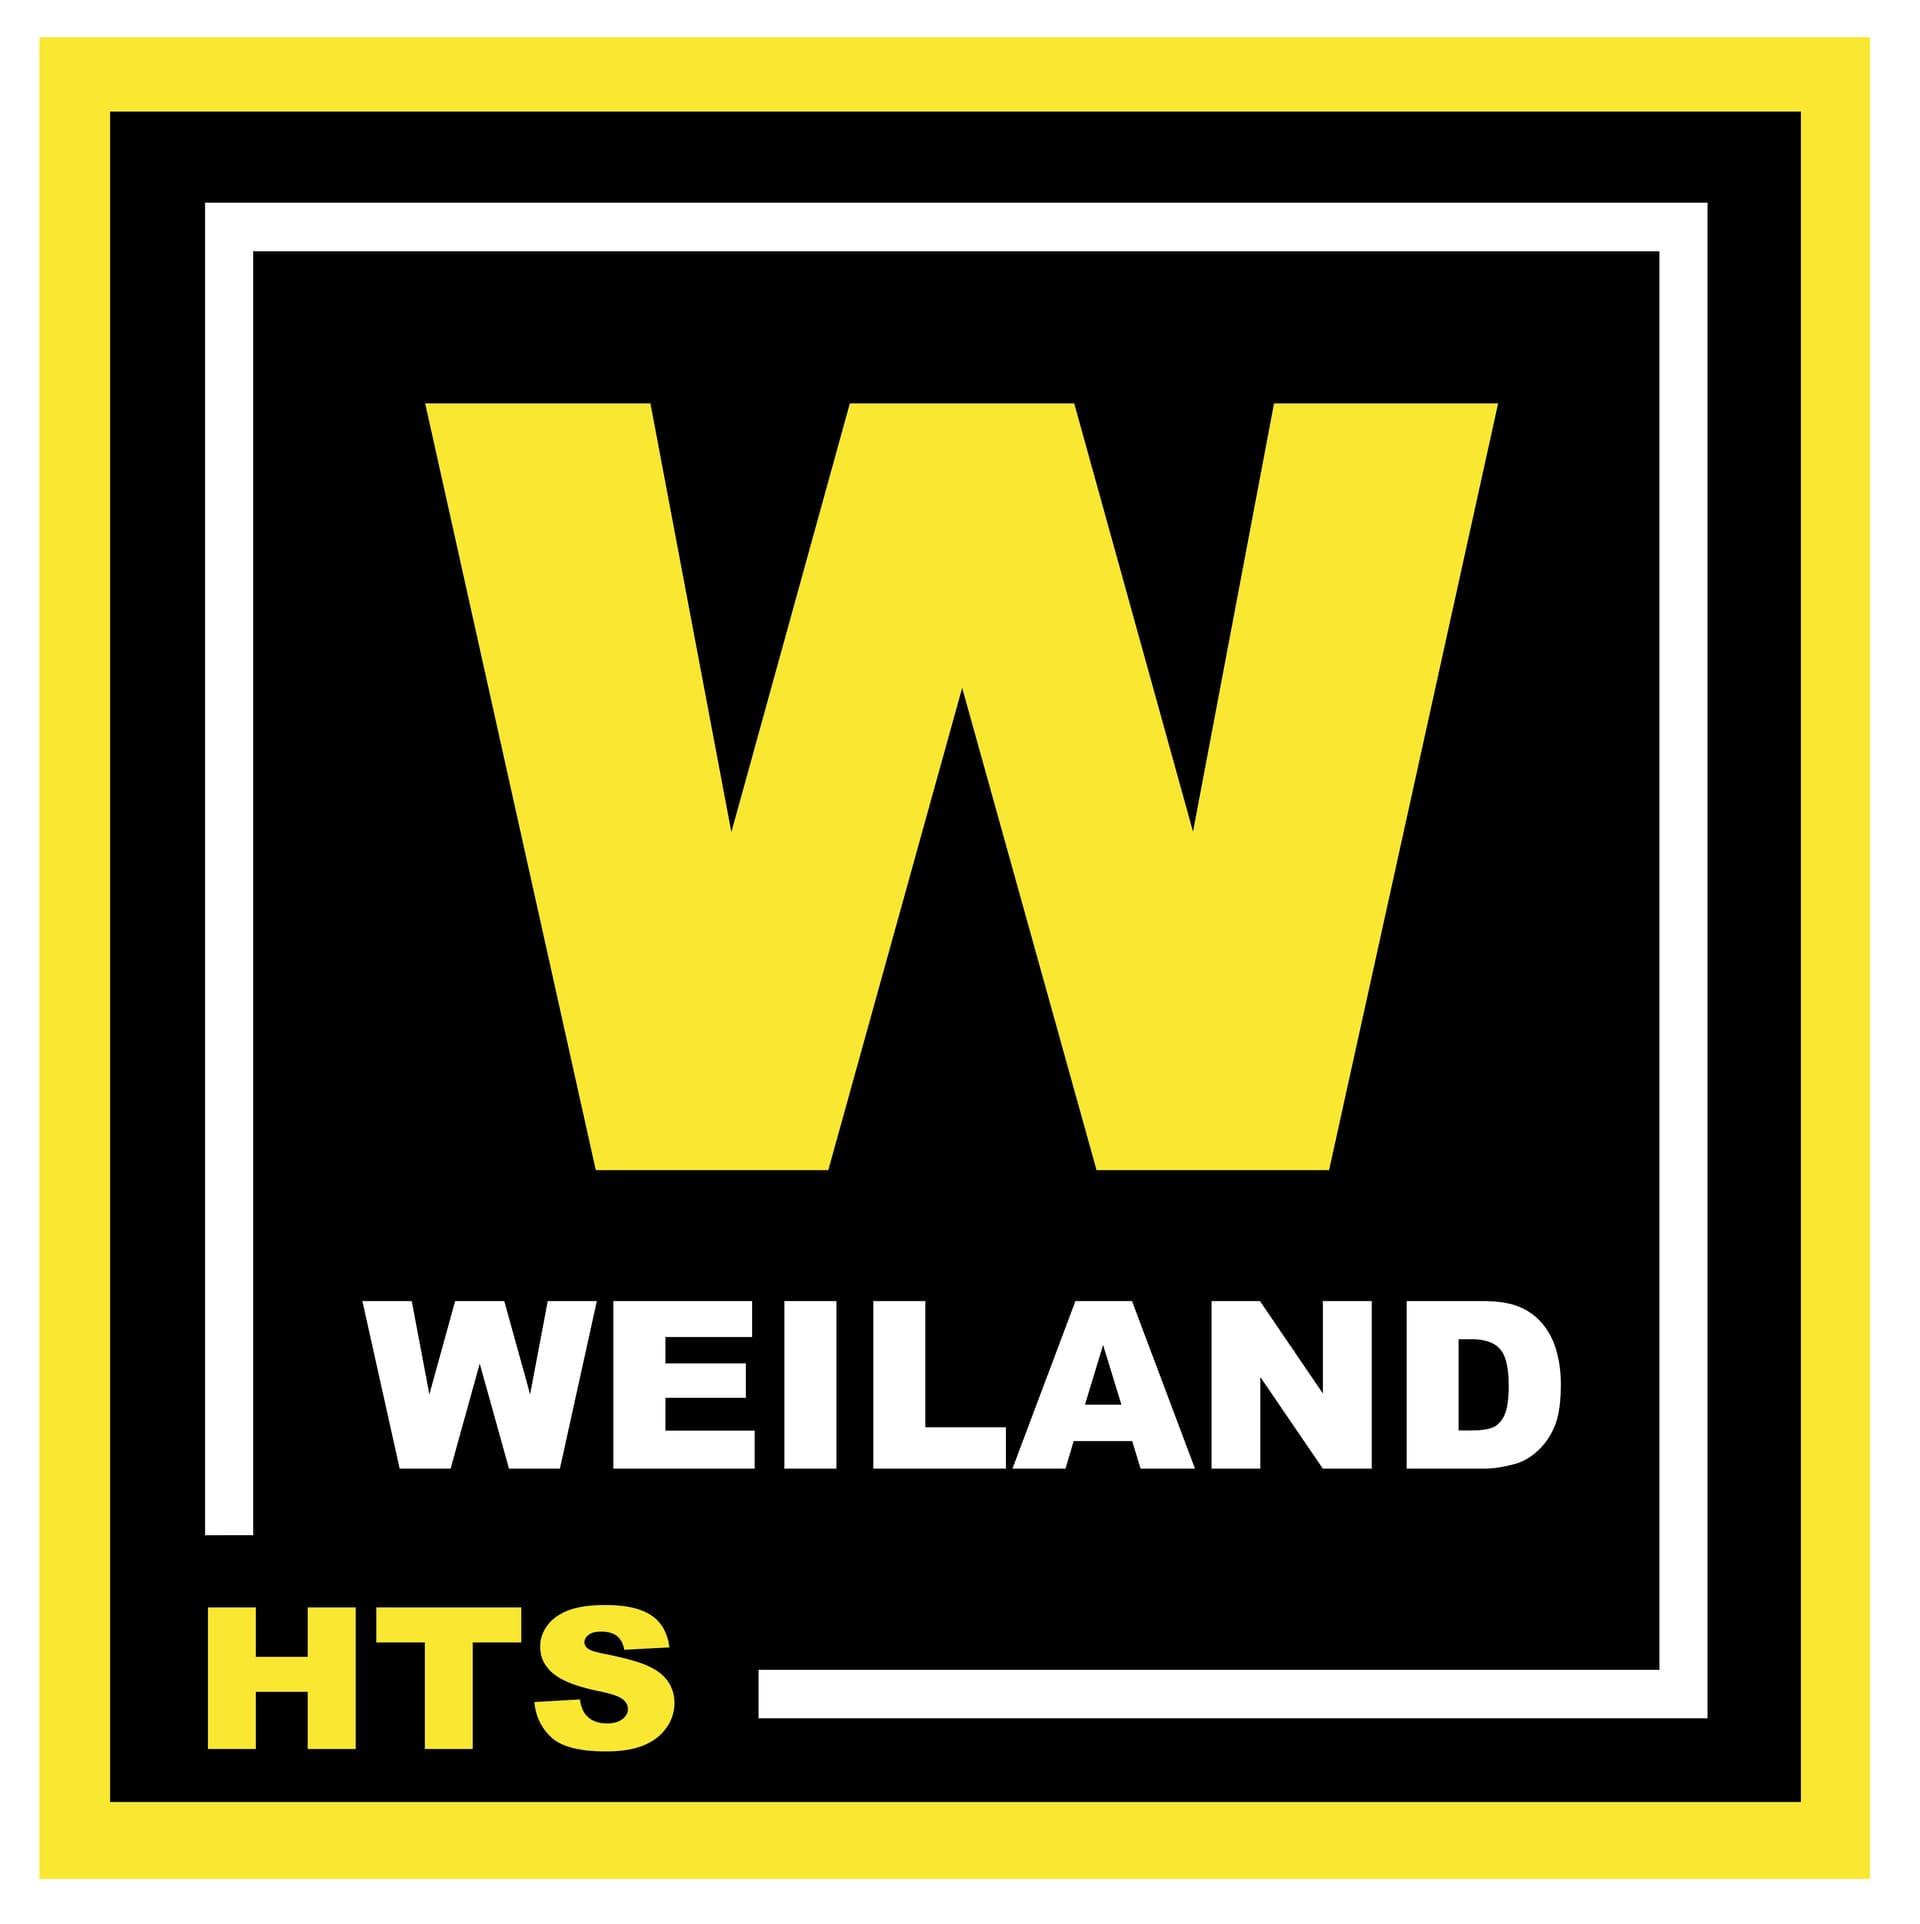 Weiland HTS